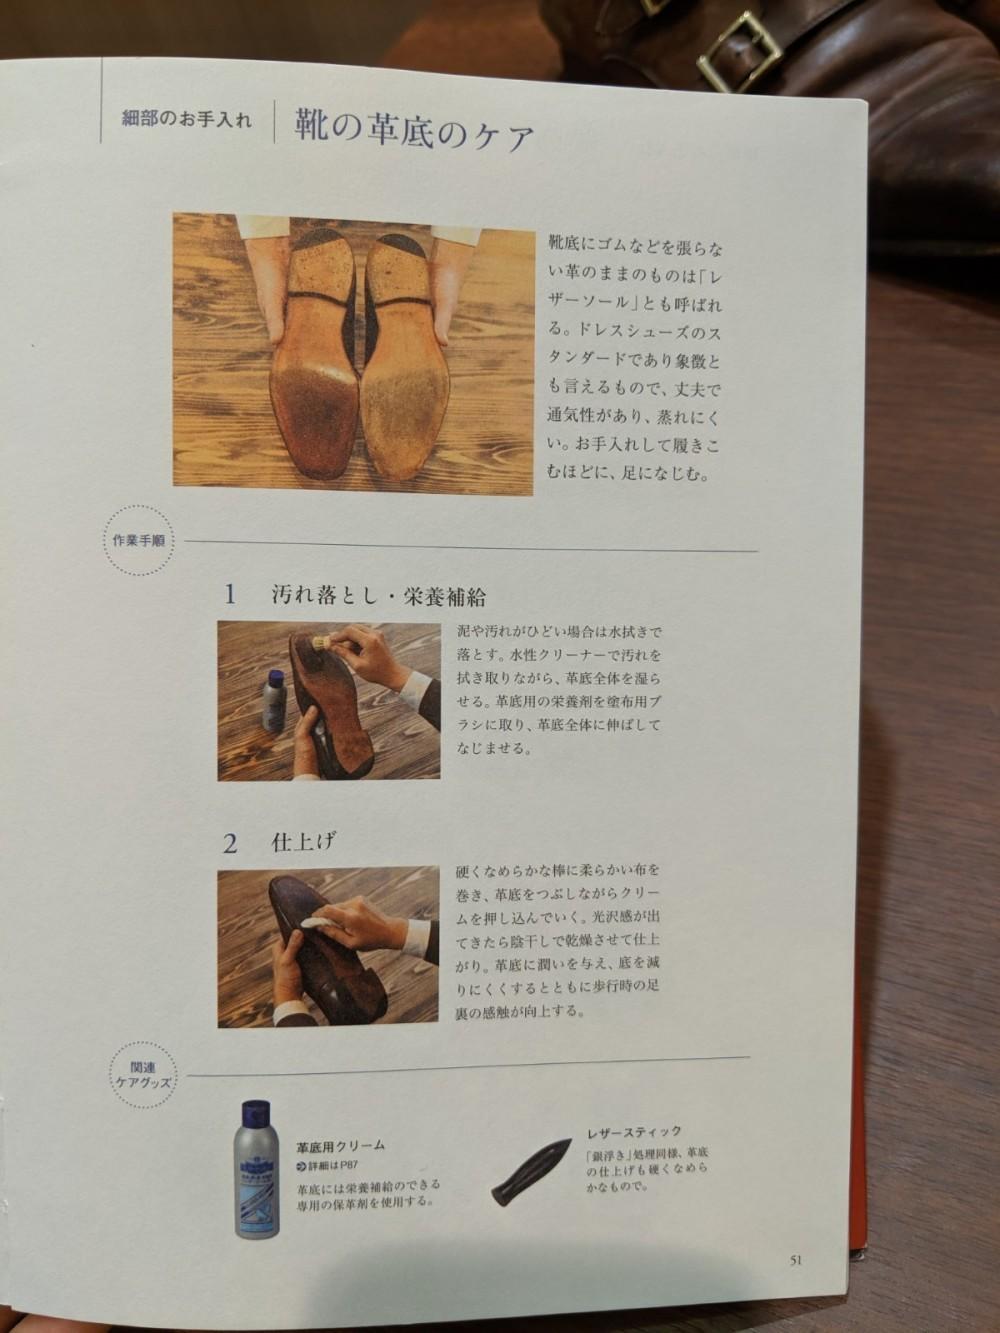 靴磨きの書籍も販売中!_b0226322_18250321.jpg